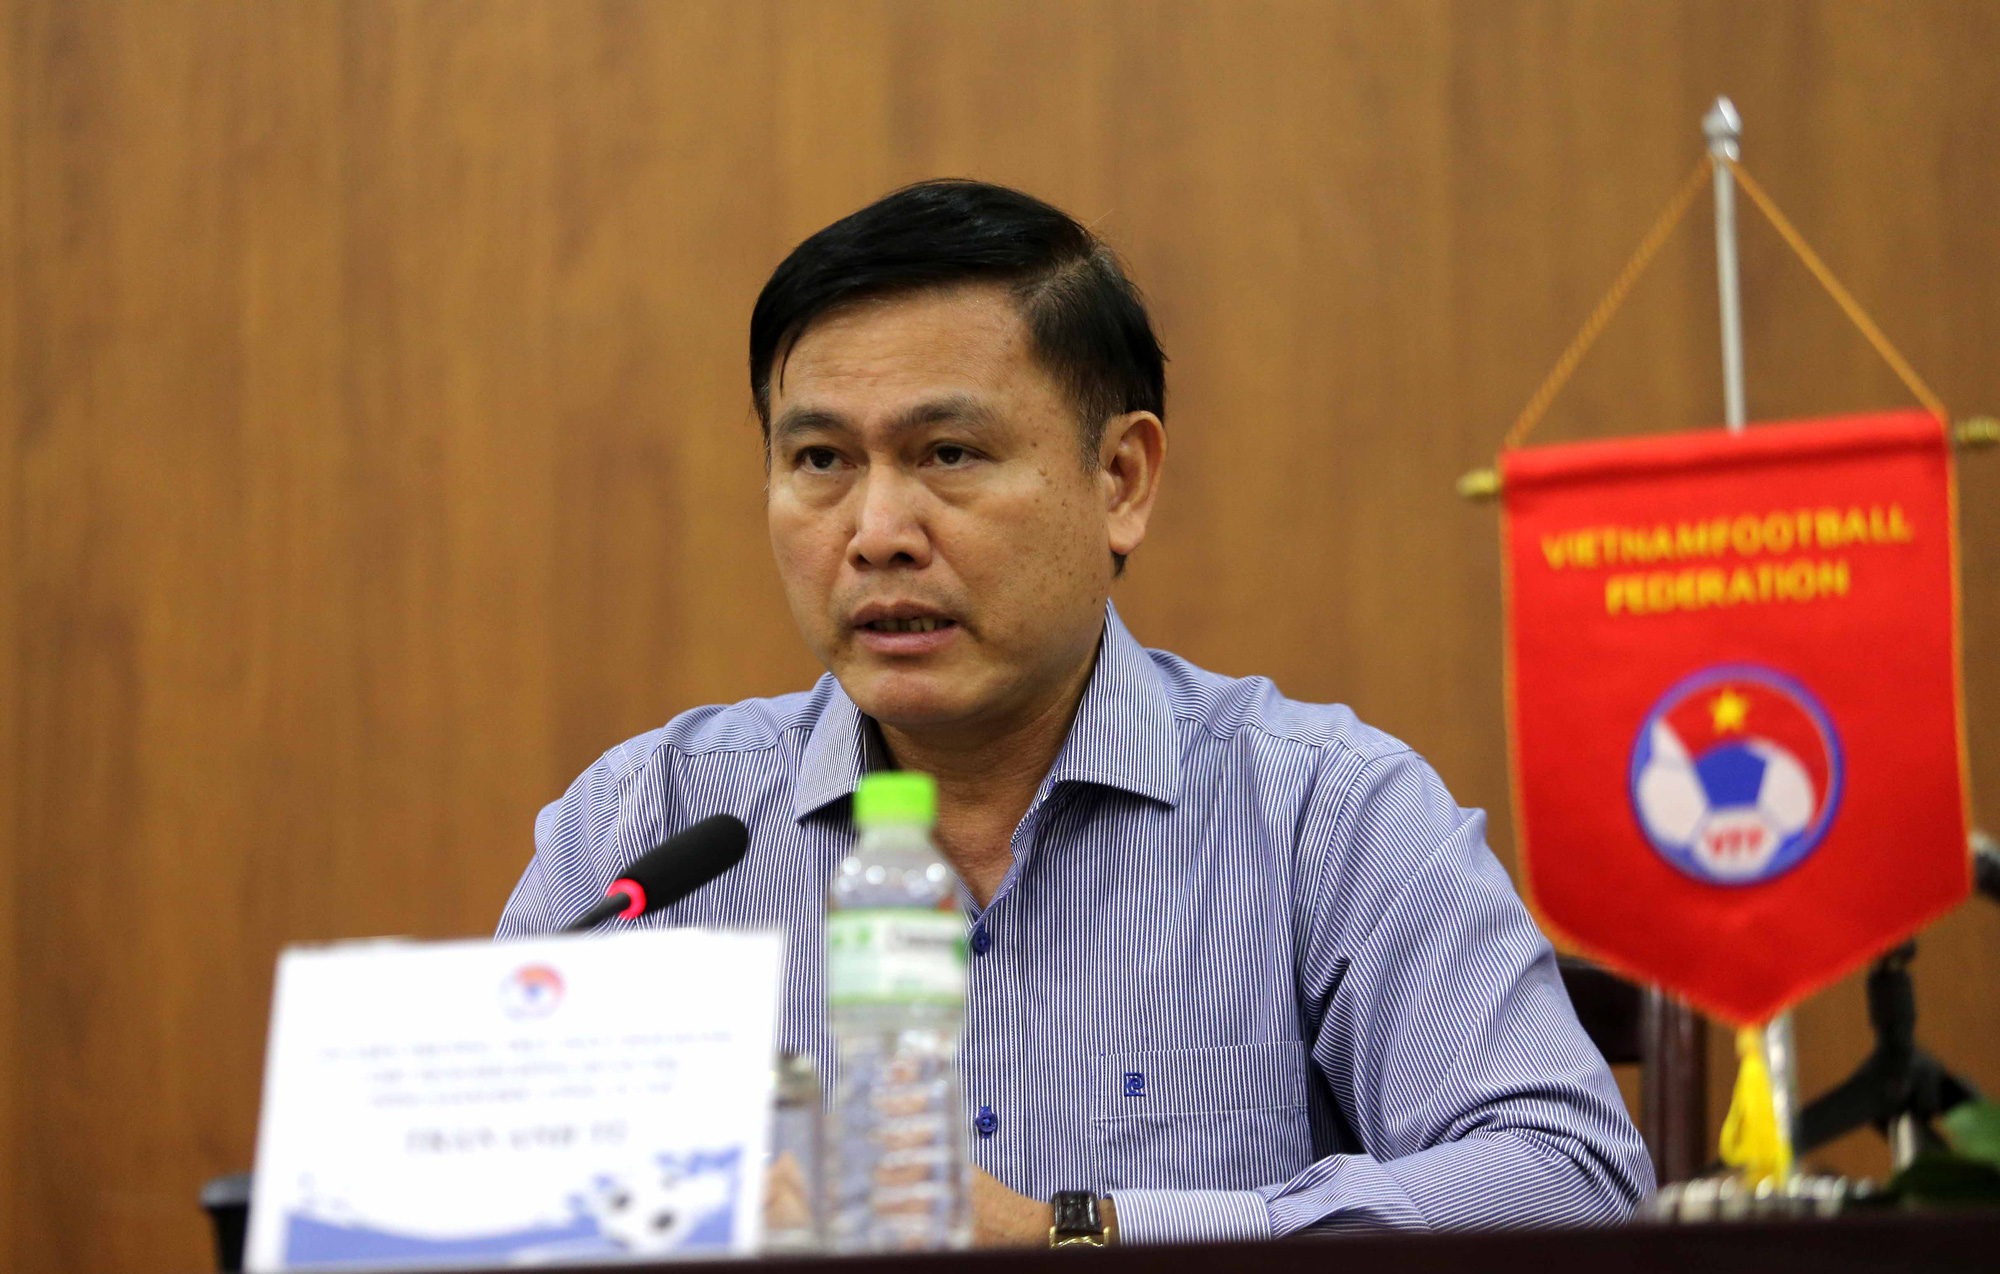 Chủ tịch Hội đồng quản trị VPF Trần Anh Tú cho hay muốn hỗ trợ các CLB thì phải căn cứ kết quả kinh doanh cả năm và các cổ đông sẽ quyết định. Ảnh: Hải Đăng